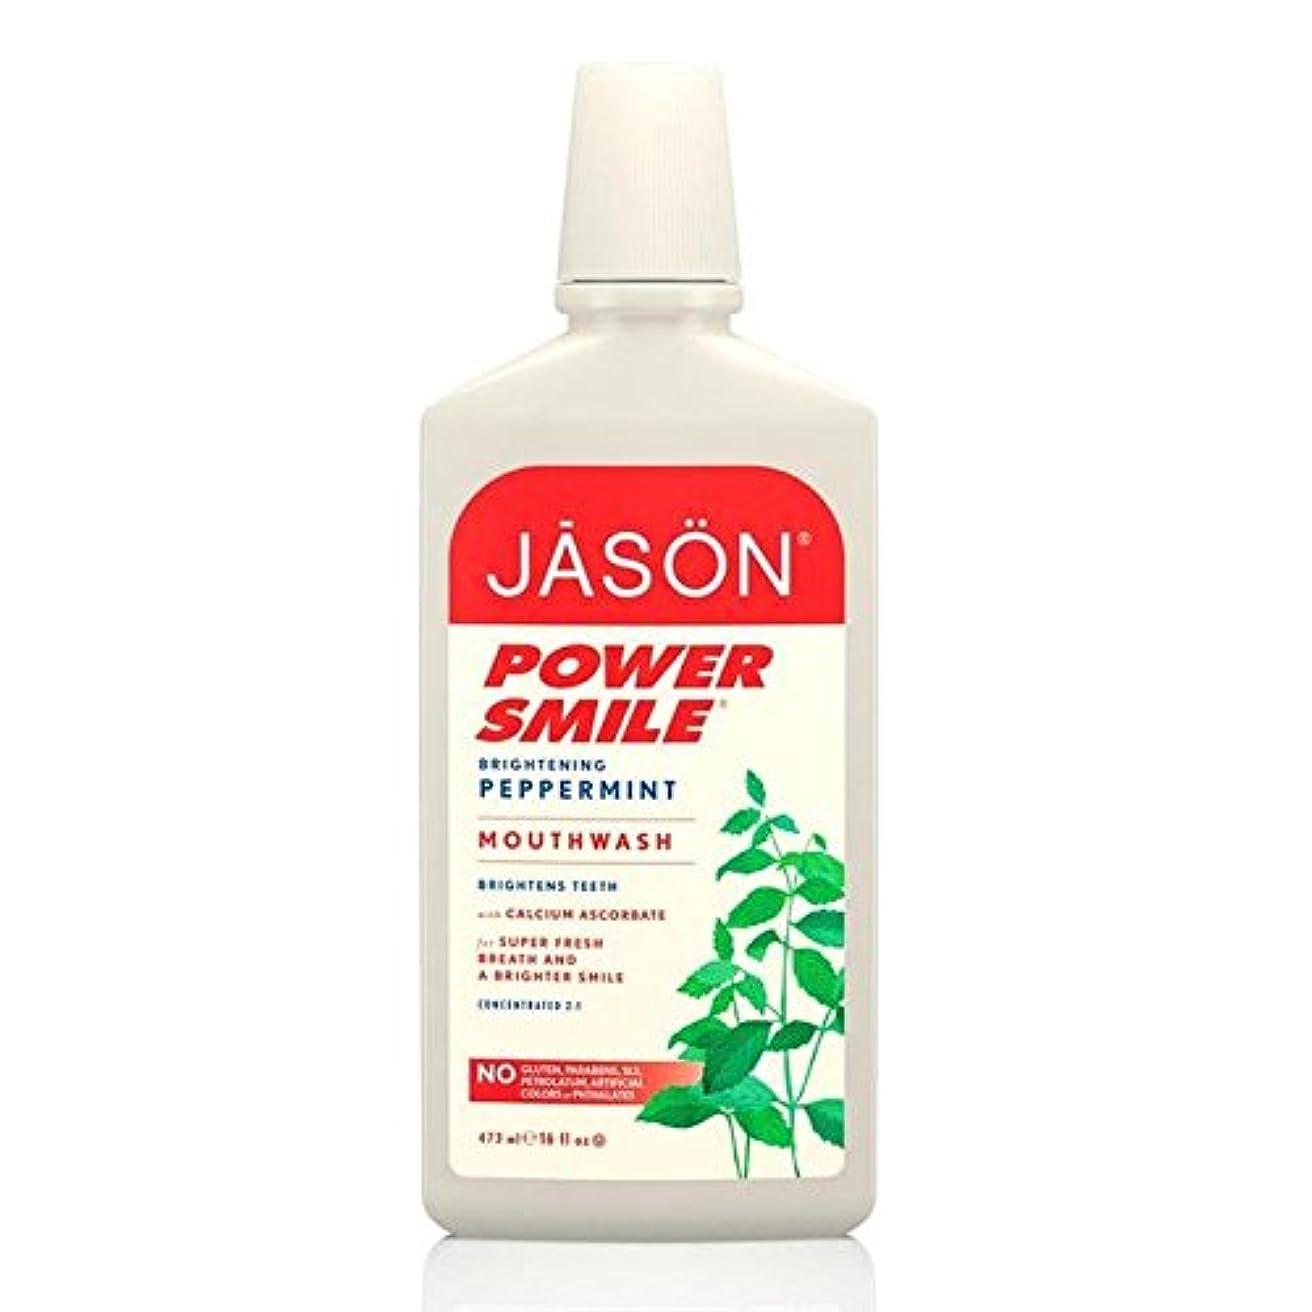 すり減るお手入れ懐ジェイソンマウスウォッシュ480ミリリットル x2 - Jason Powersmile Mouthwash 480ml (Pack of 2) [並行輸入品]